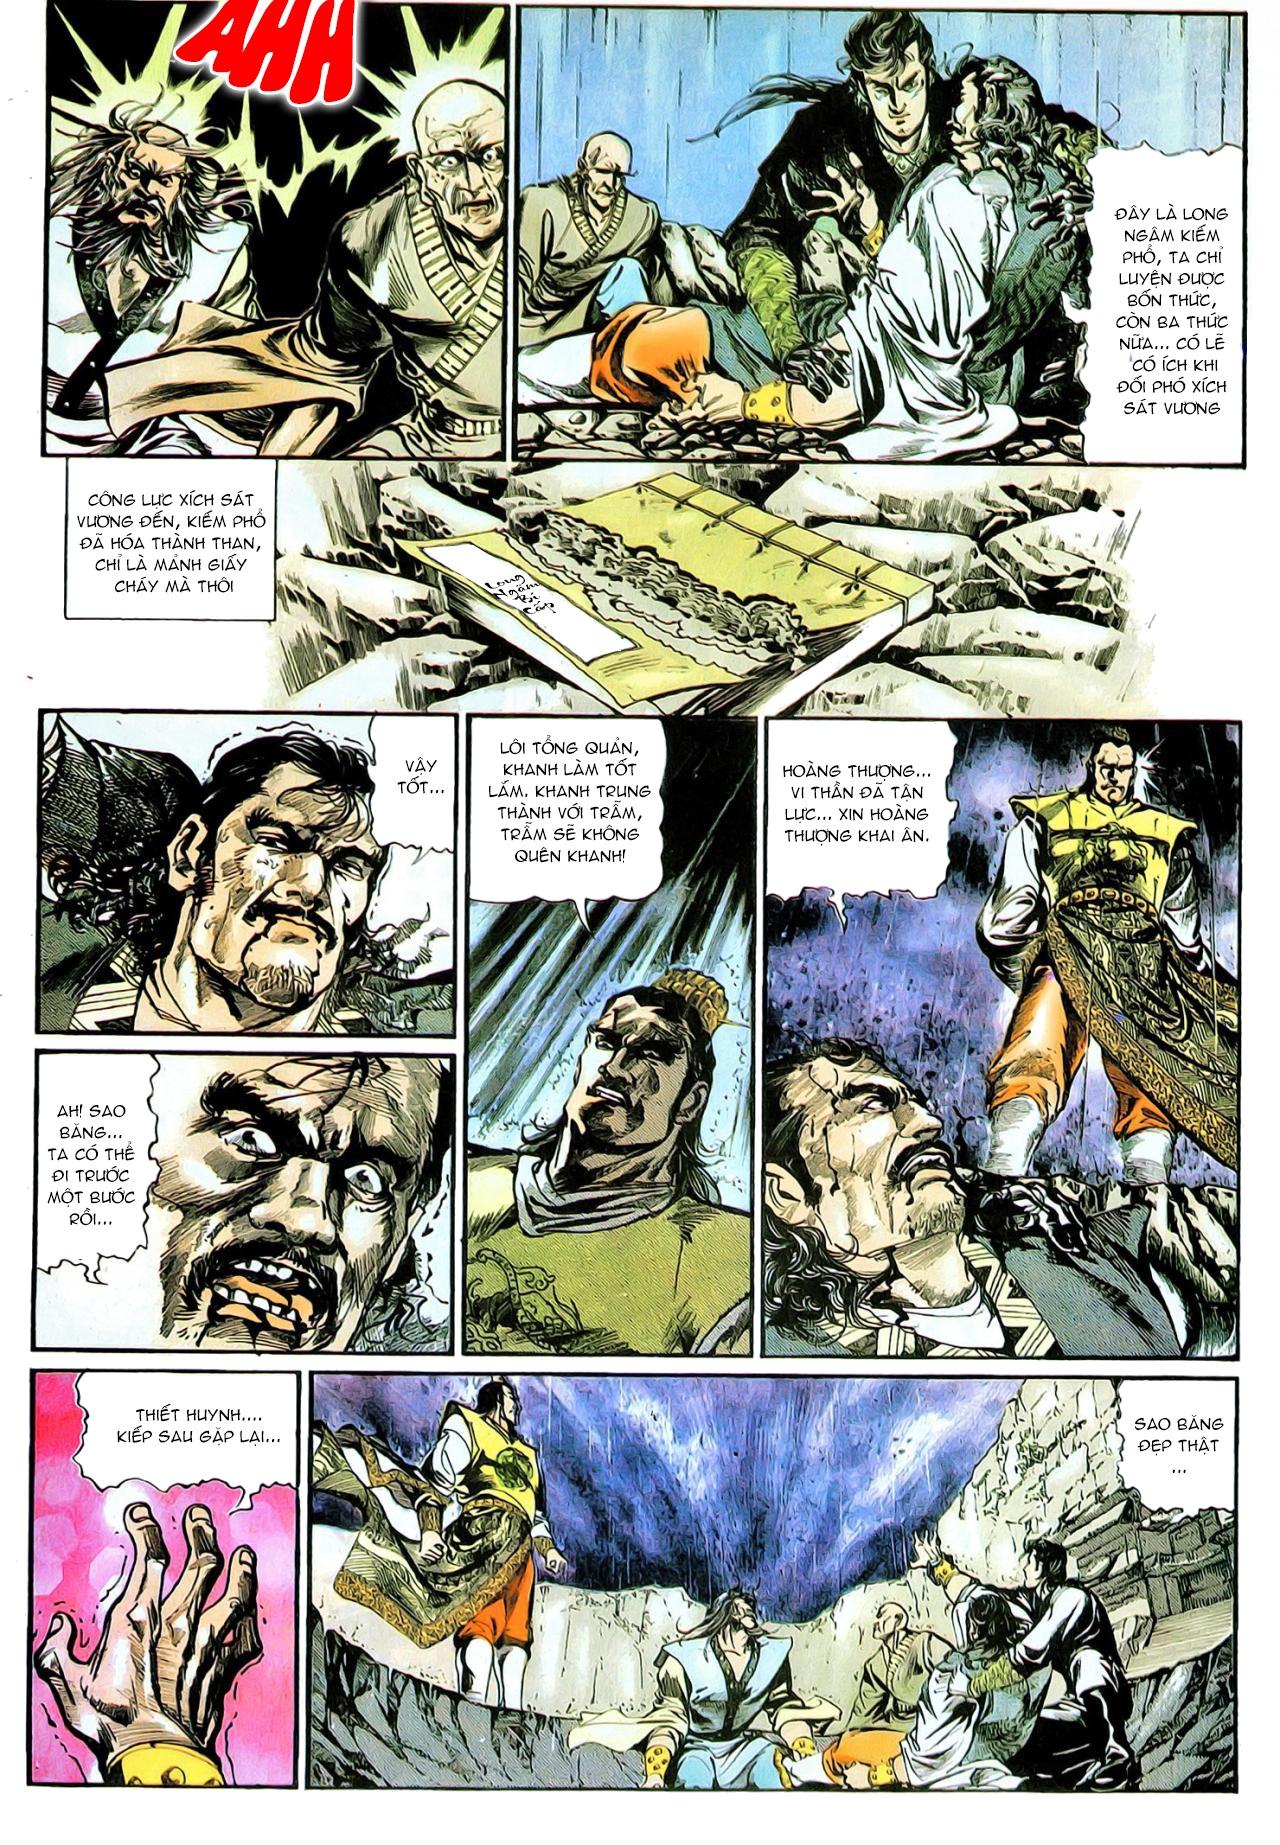 Thiết Tướng Tung Hoành